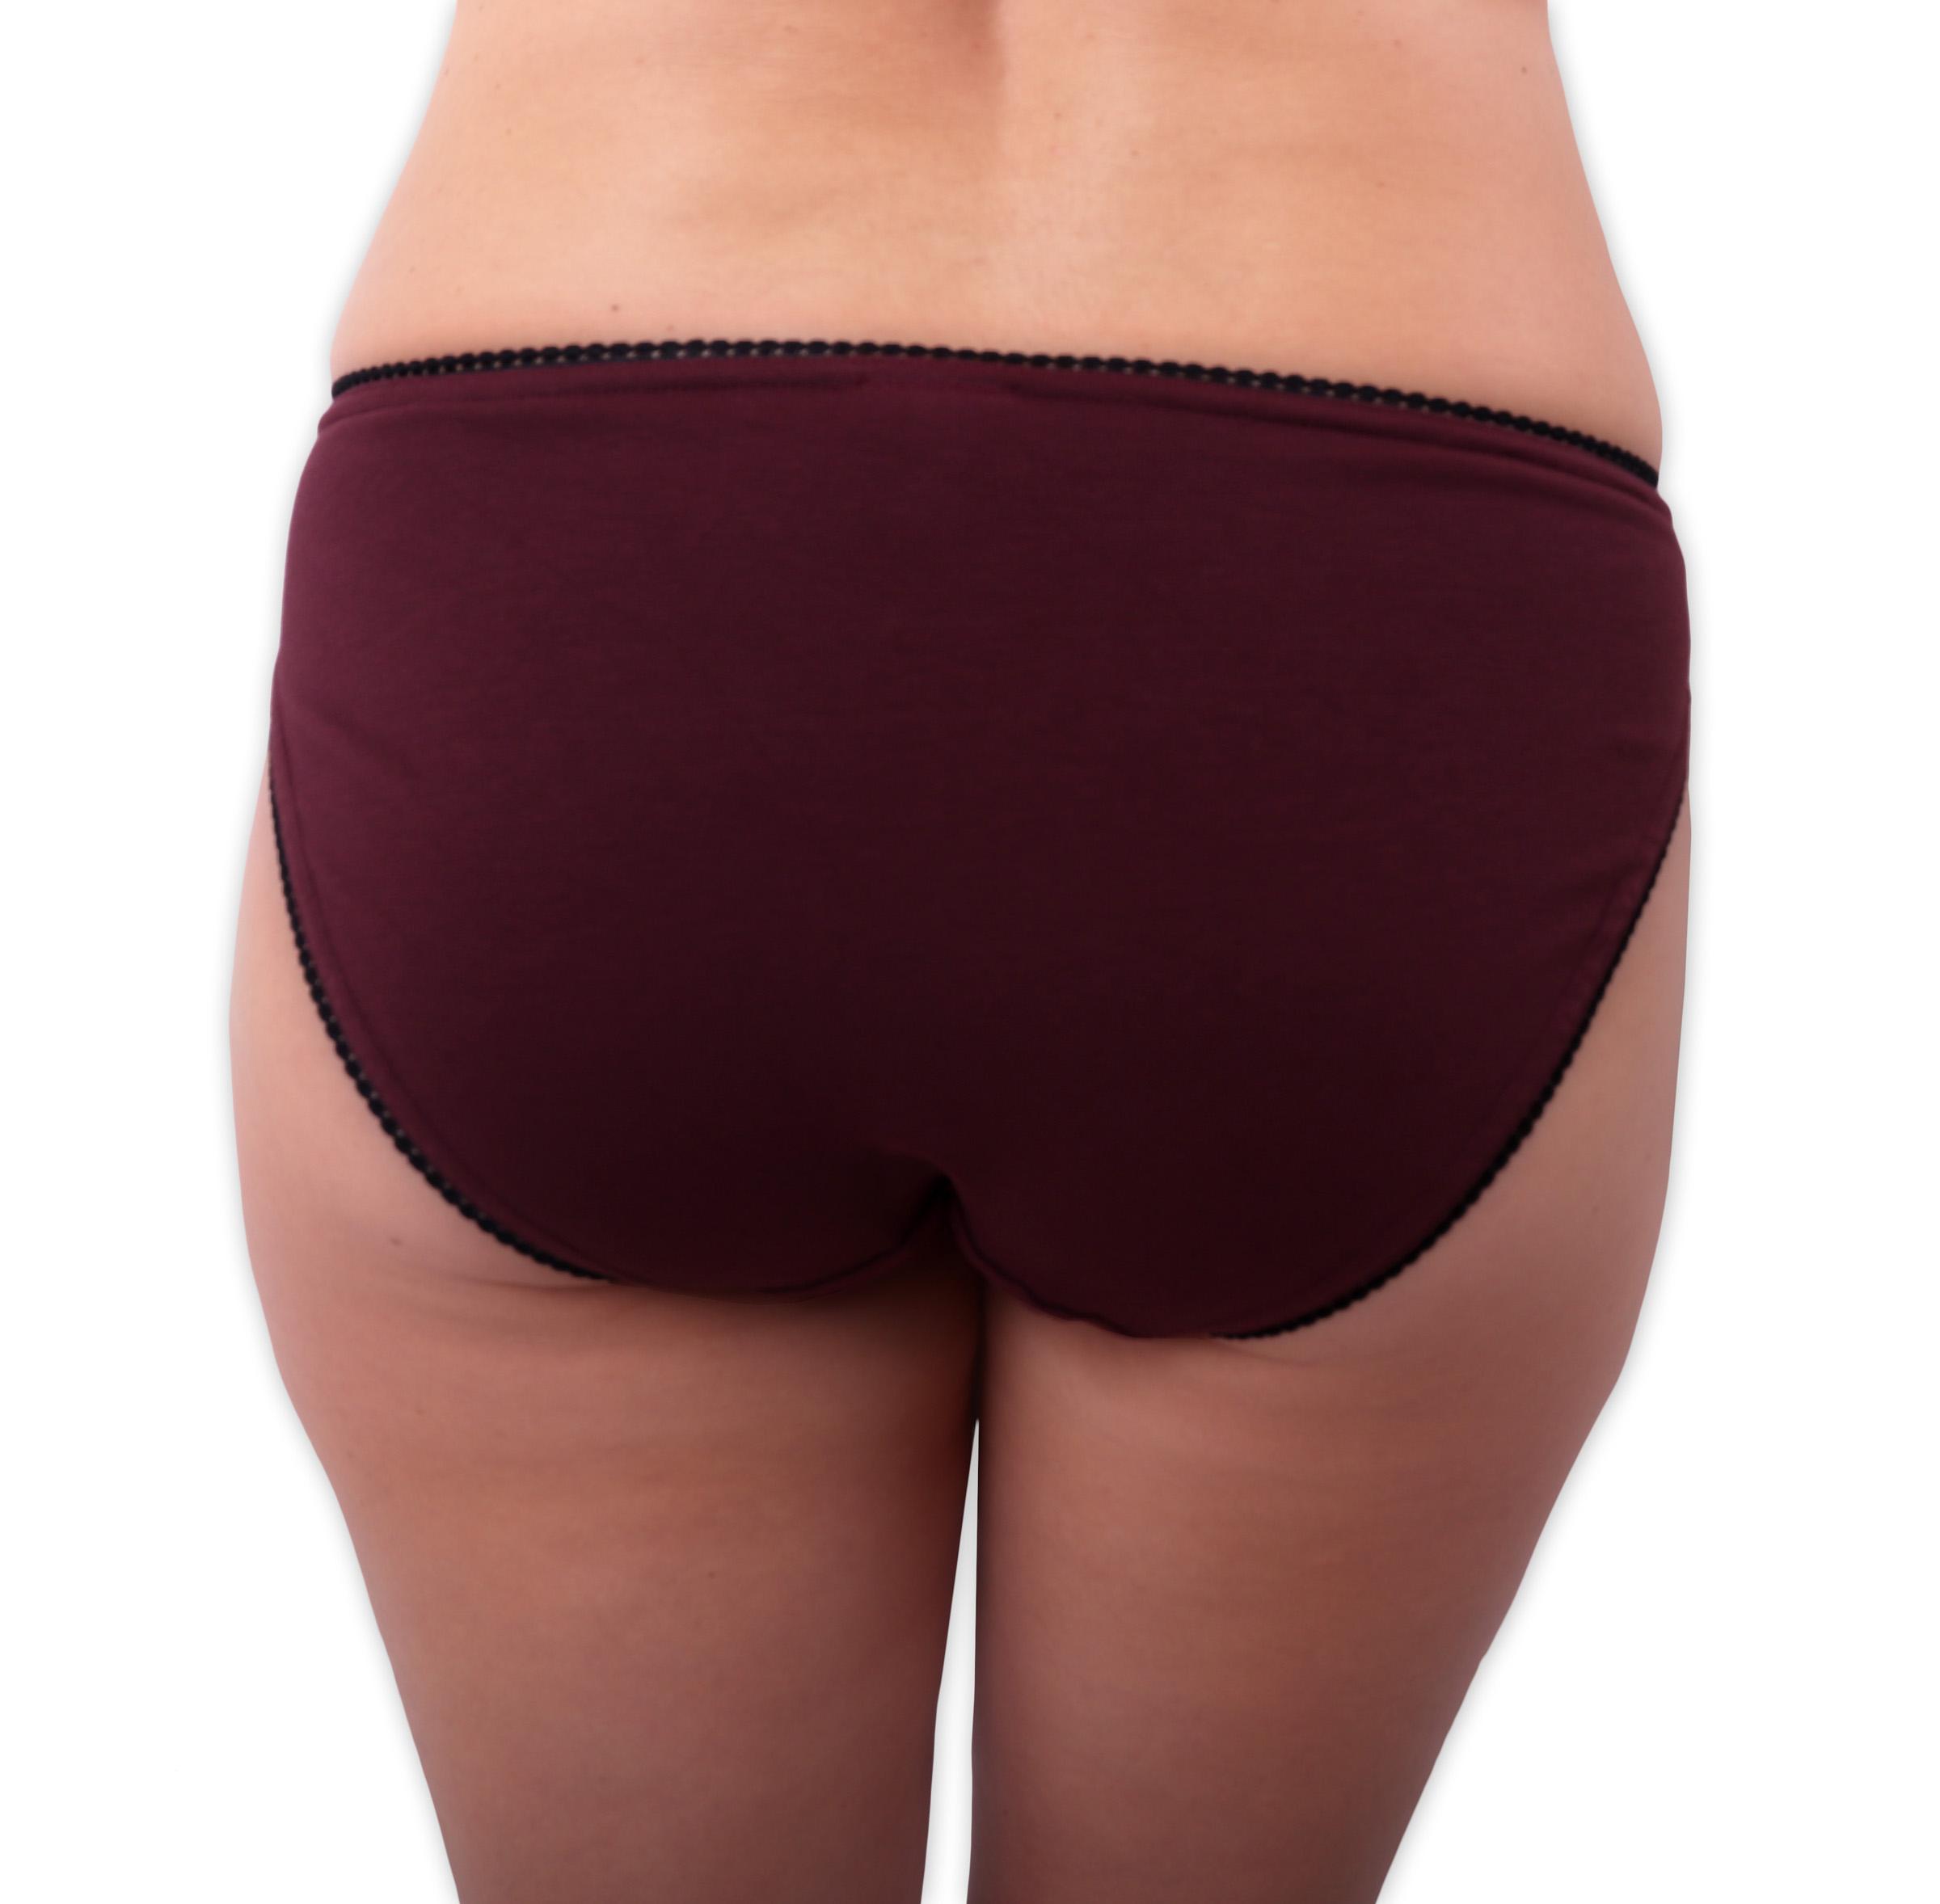 Dámské kalhotky bavlněné, klasický střih, bordo, 44